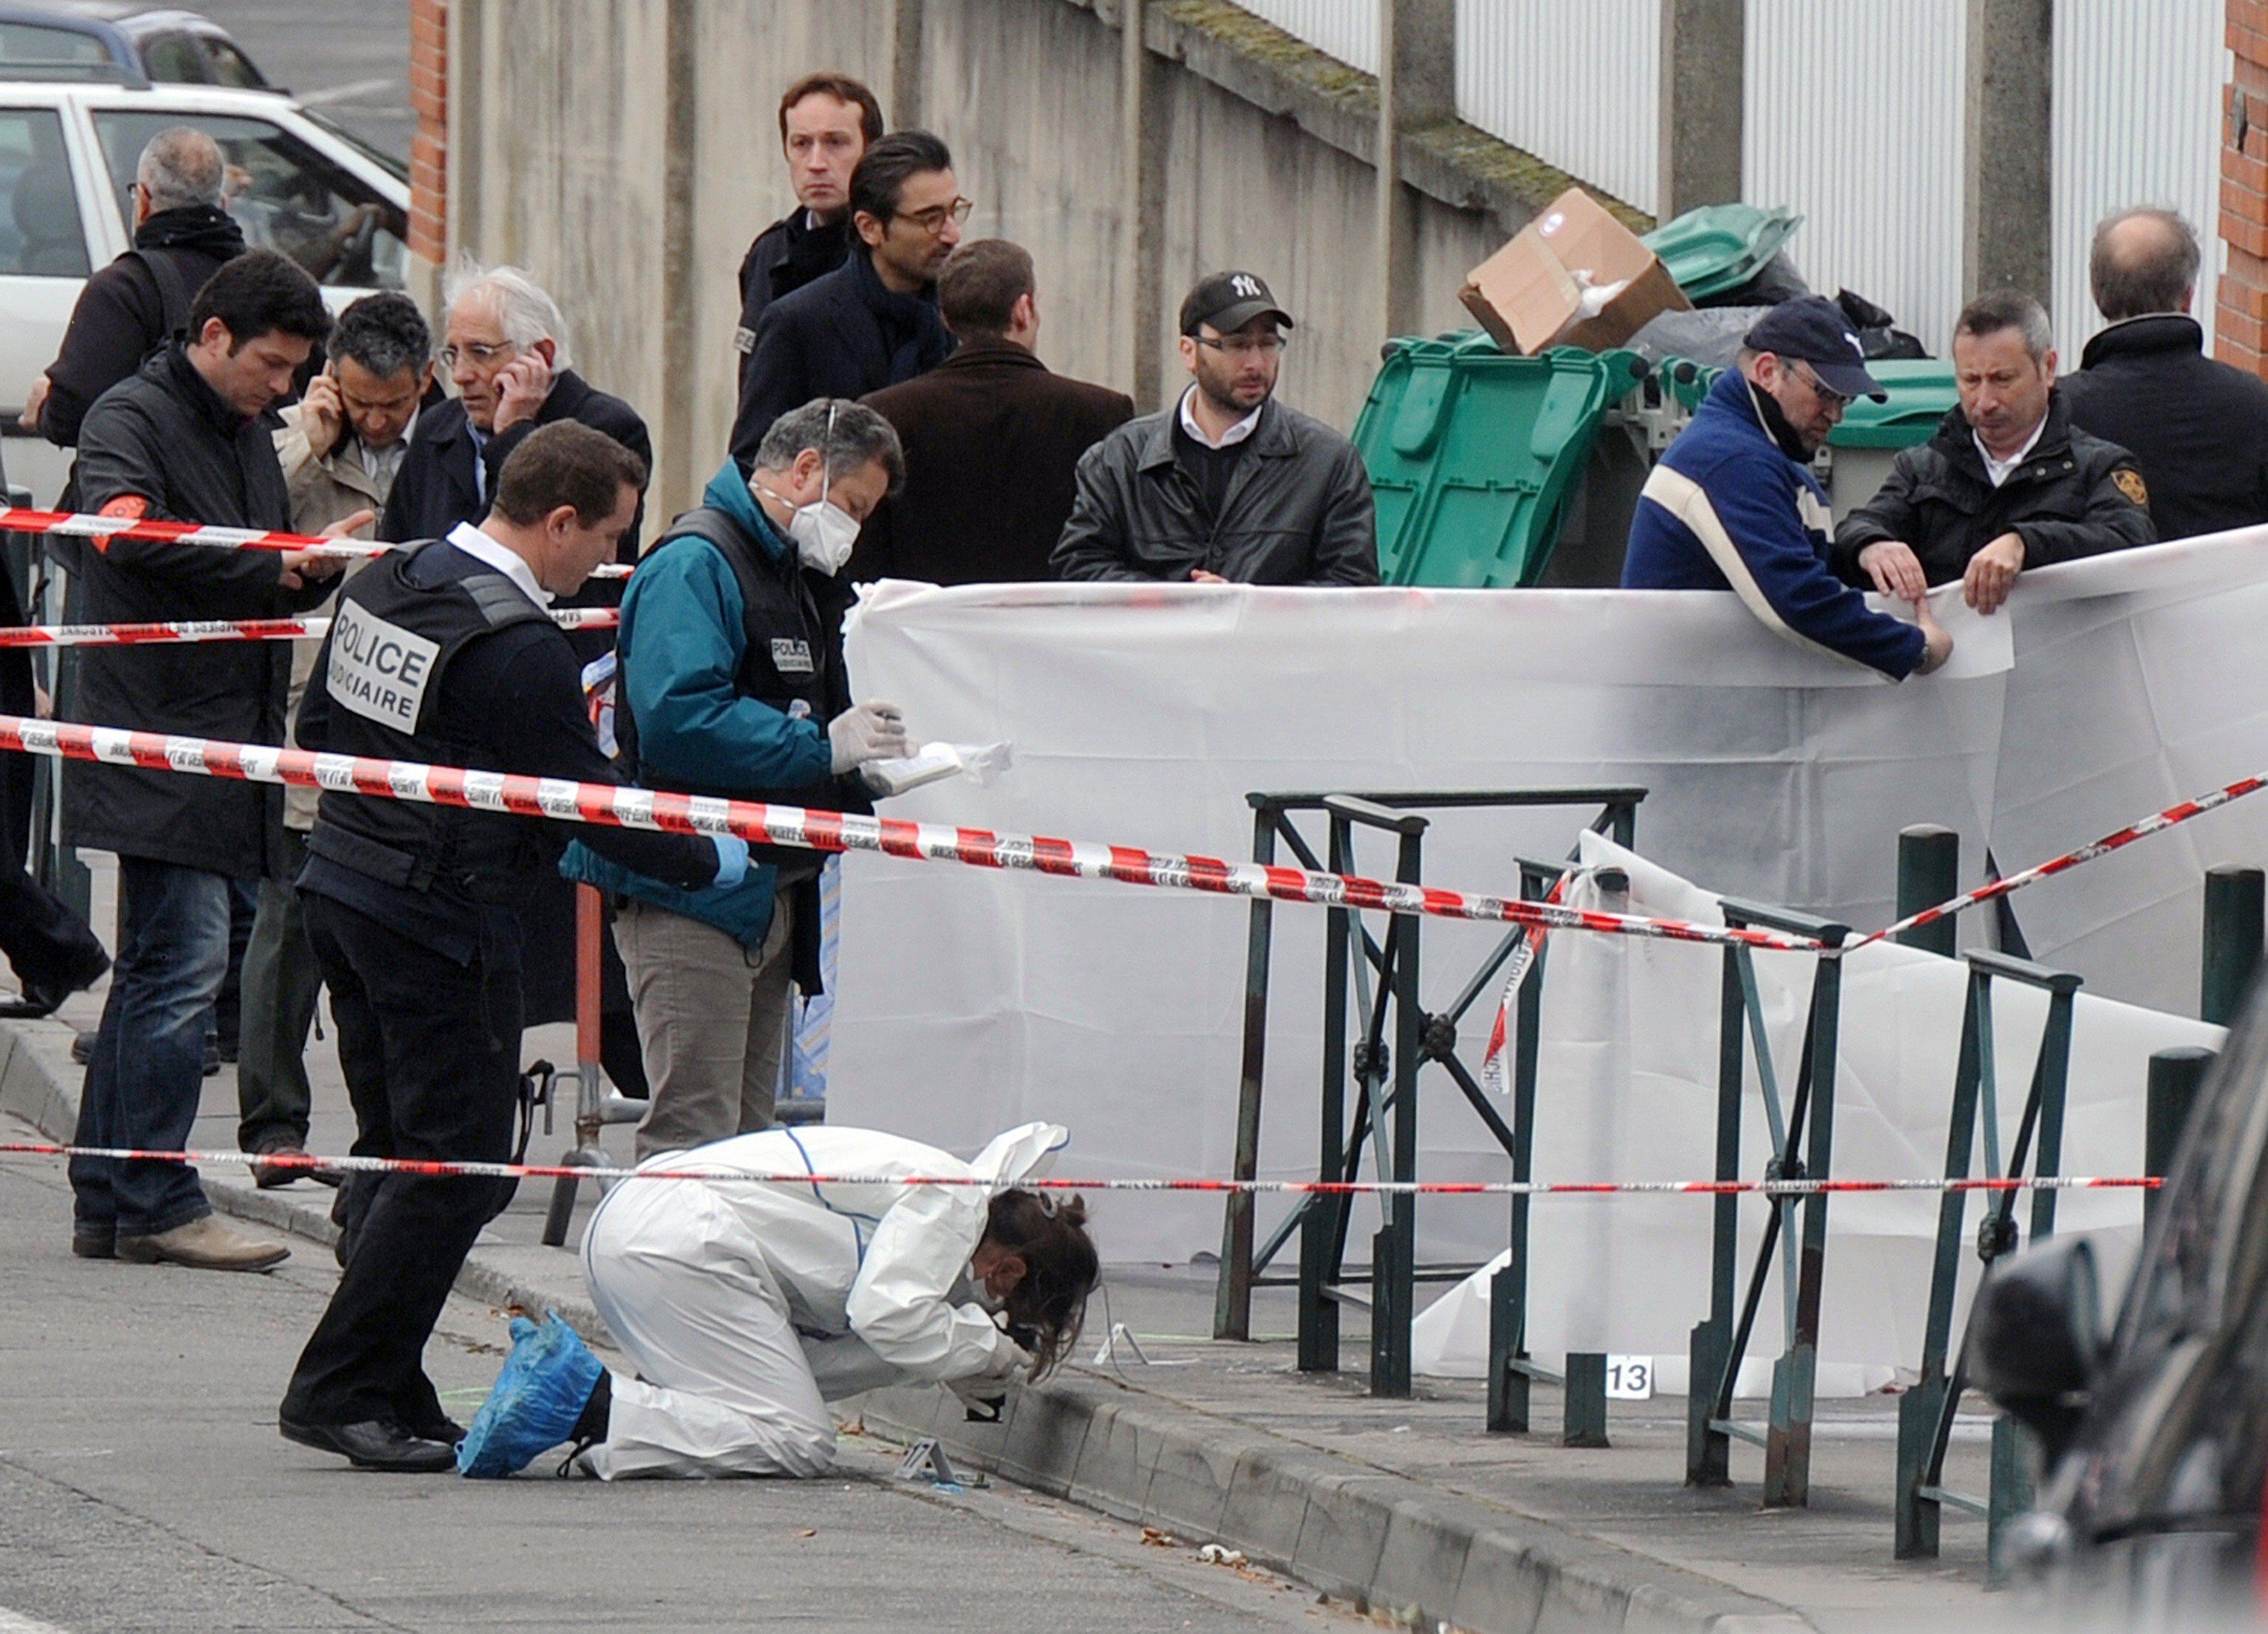 Salvaje ataque antisemita en Francia